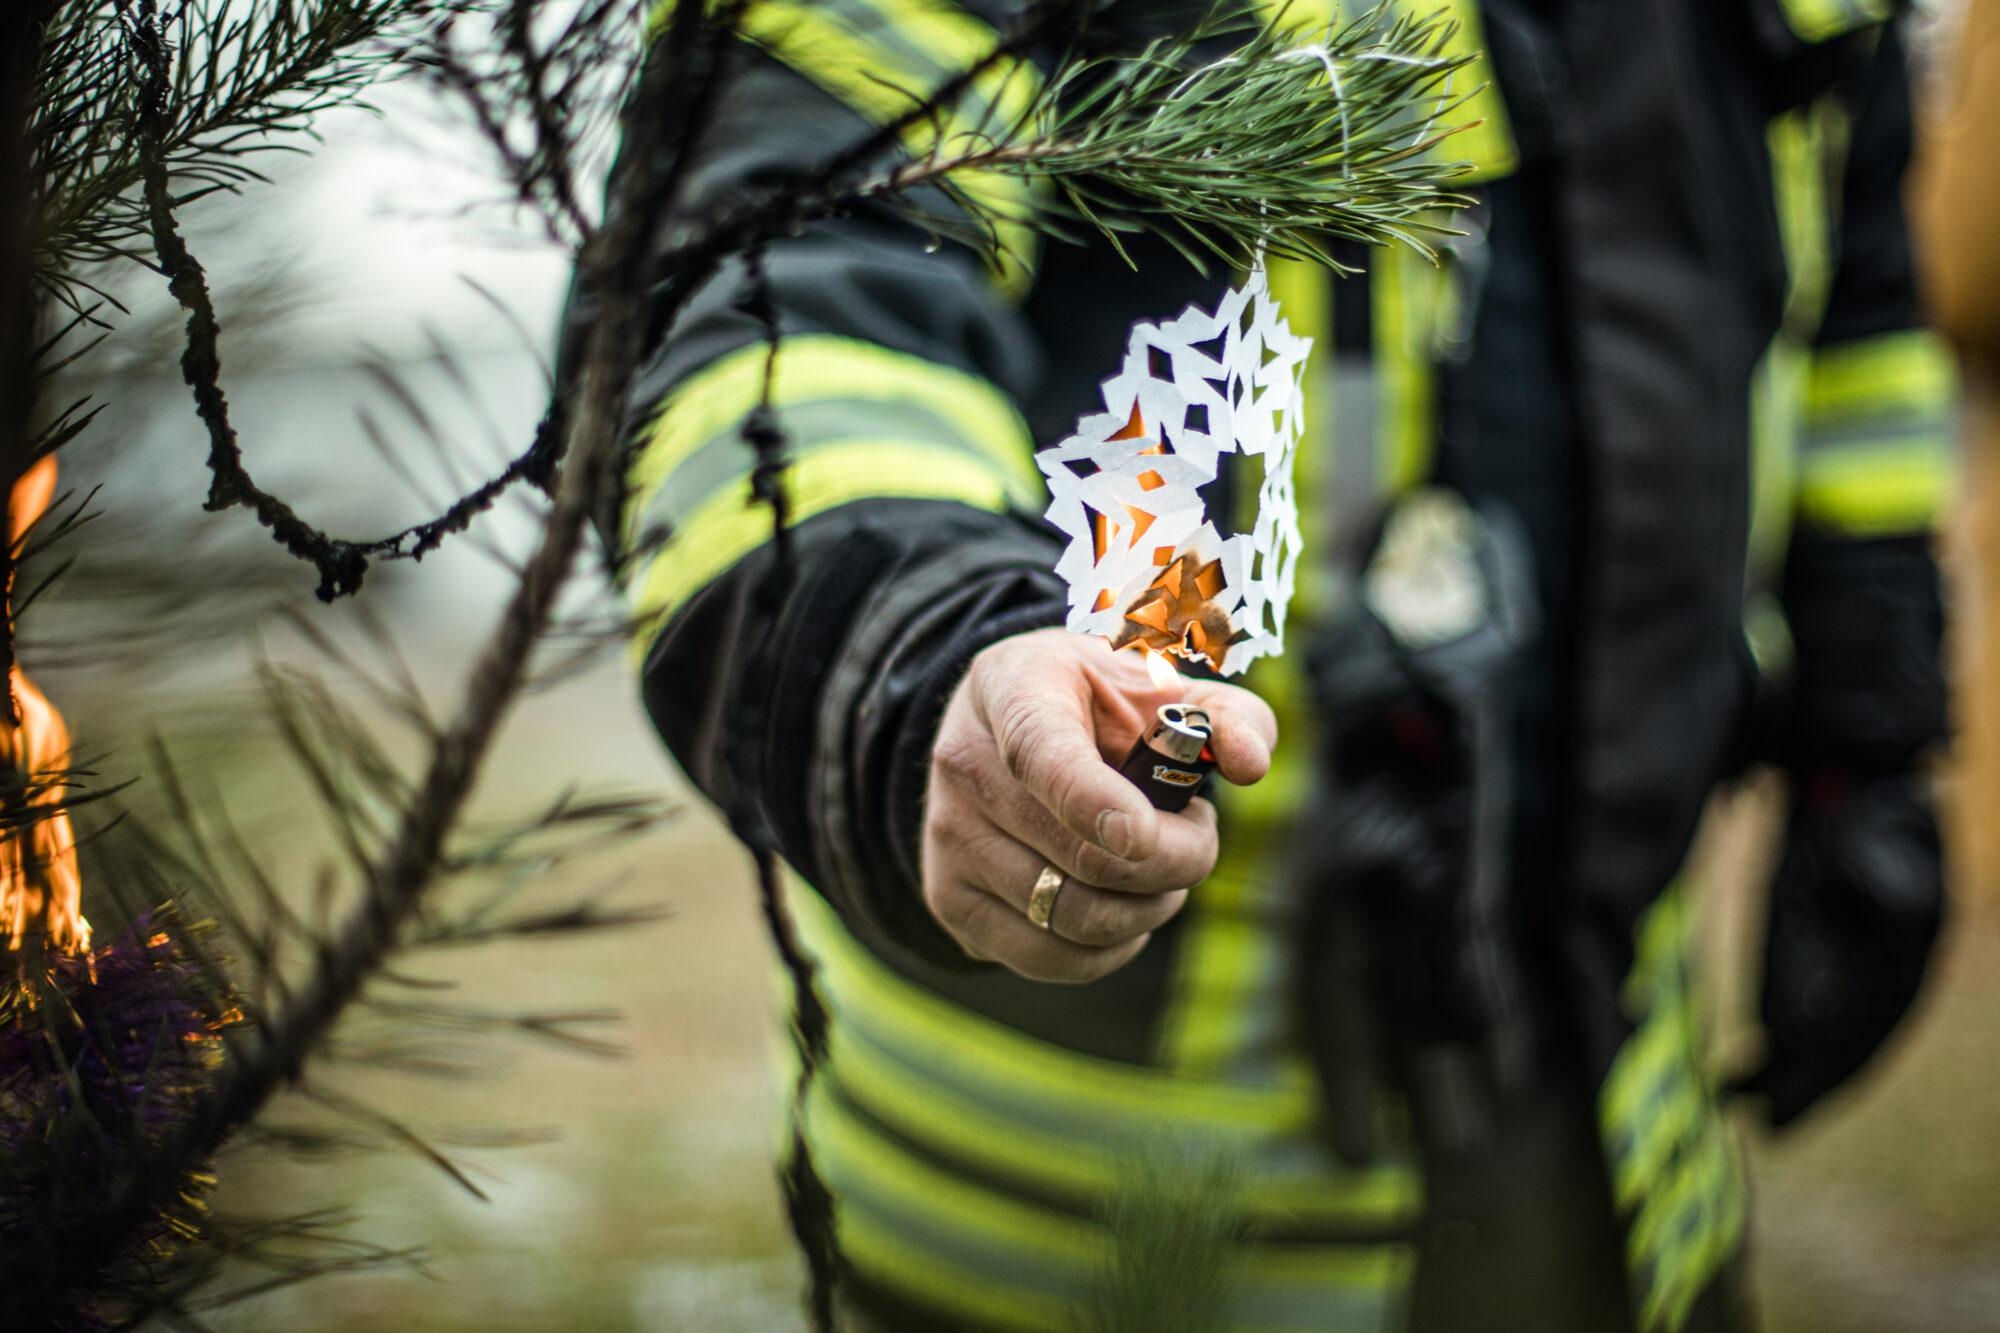 Обережно, Новий рік: пожежники закликають до правил безпеки - ялинкові прикраси, Різдво Христове, правила безпеки, новорічна ялинка, Новий рік - 48721 2000x1333